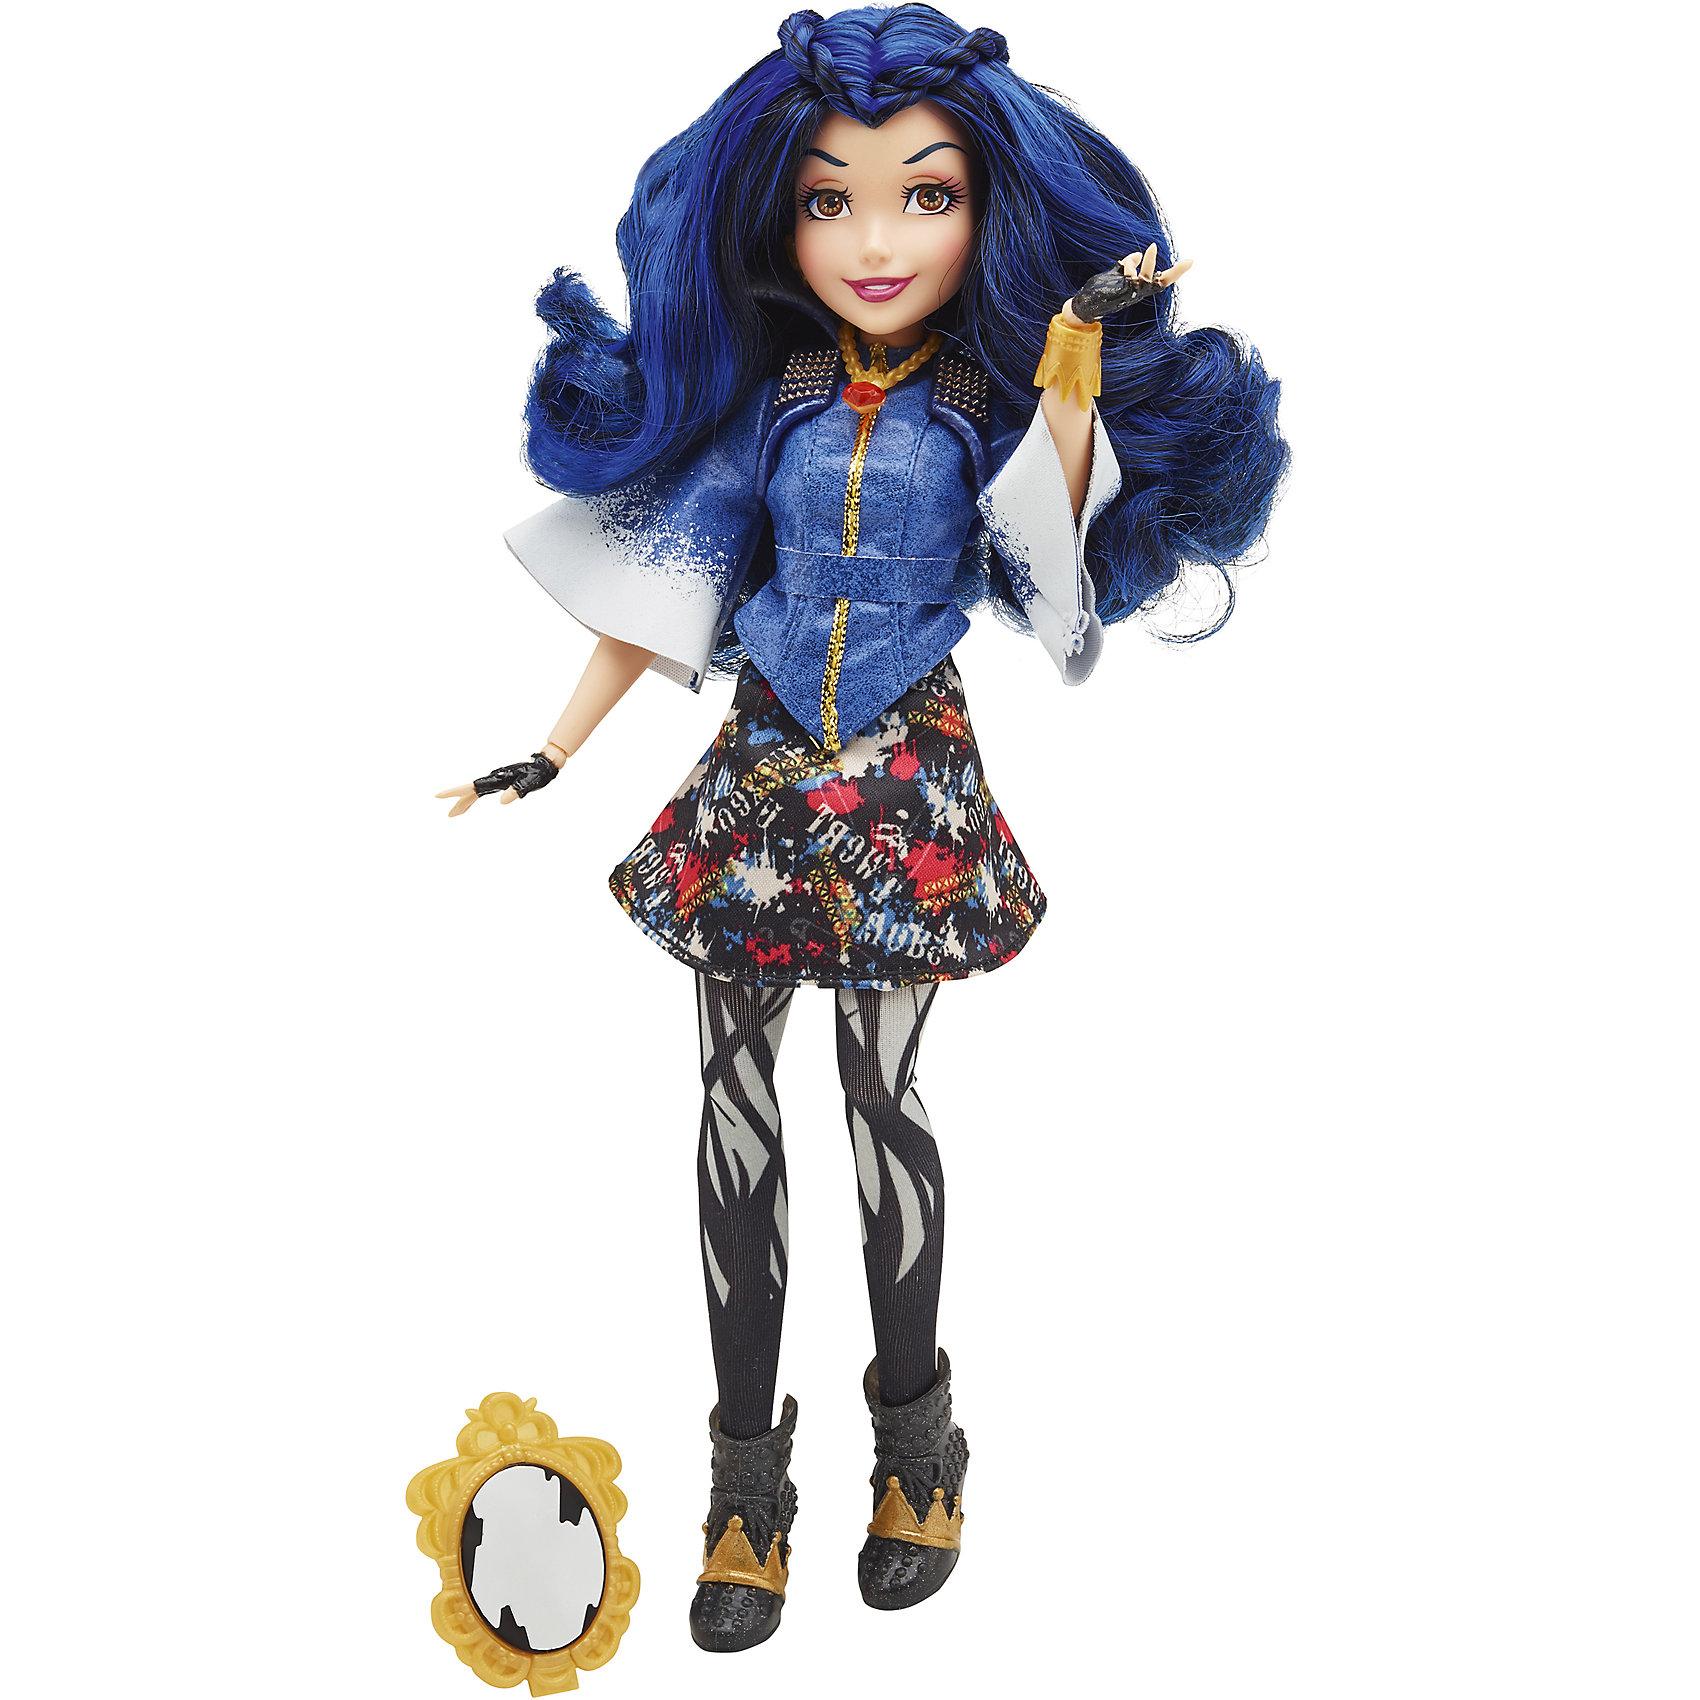 Темные герои в оригинальных костюмах Иви, Наследники, DisneyИгрушки<br>Встречайте кукол,  детей злодеев,  в их традиционных нарядах. Куклы  с различными точками артикуляции могут принимать самые реалистичные позы. Детально проработанные текстильные наряды выглядят убийственно прекрасно! Иви, дочь злой Королевы, - настоящая красотка! Ее густые синие волосы приятно расчесывать, создавая самые невероятные прически. С каждой куклой в наборе идут  аксессуар, медальон и стикеры. <br><br>Дополнительная информация:<br><br>- Материал: пластик, текстиль.<br>- Высота куклы: 27,5 см.<br>- Комплектация: кукла в одежде и обуви, аксессуар, медальон, стикеры. <br><br>Темные герои в оригинальных костюмах, Наследники, Disney (Descendants, Дисней) , можно купить в нашем магазине.<br><br>Ширина мм: 68<br>Глубина мм: 205<br>Высота мм: 337<br>Вес г: 278<br>Возраст от месяцев: 72<br>Возраст до месяцев: 144<br>Пол: Женский<br>Возраст: Детский<br>SKU: 4563926